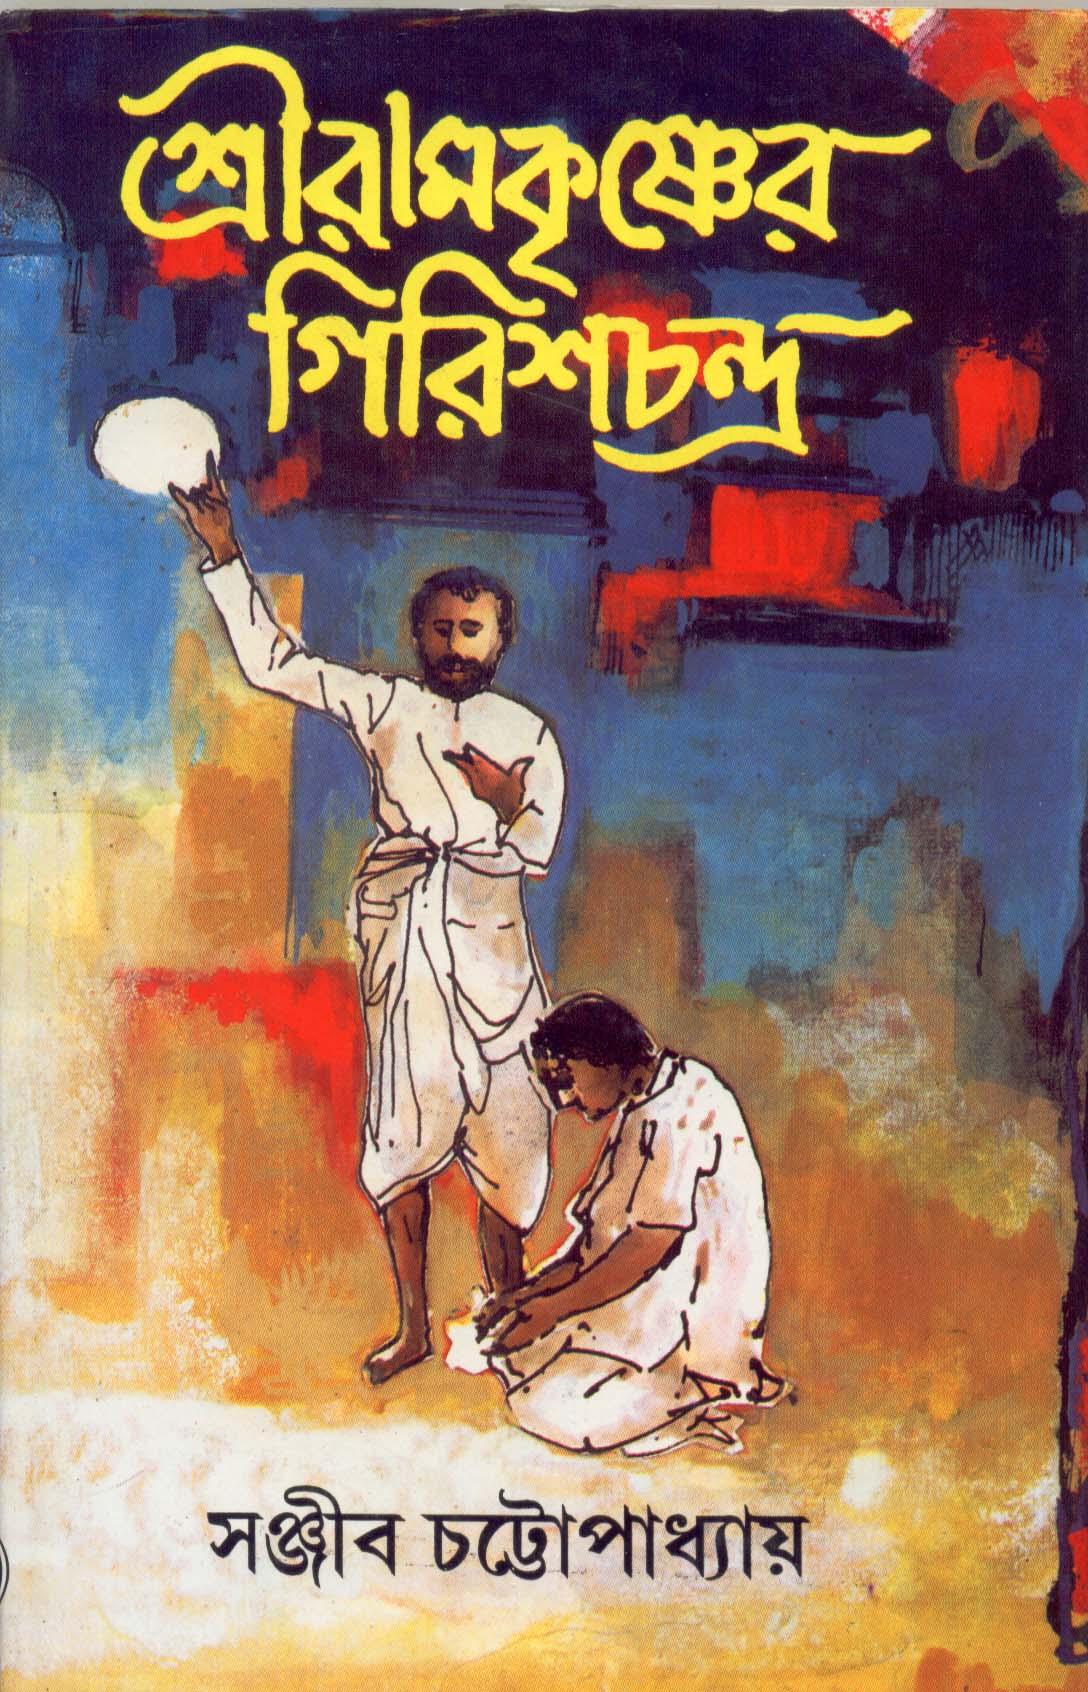 Sree Ram Krishneer Girischandra